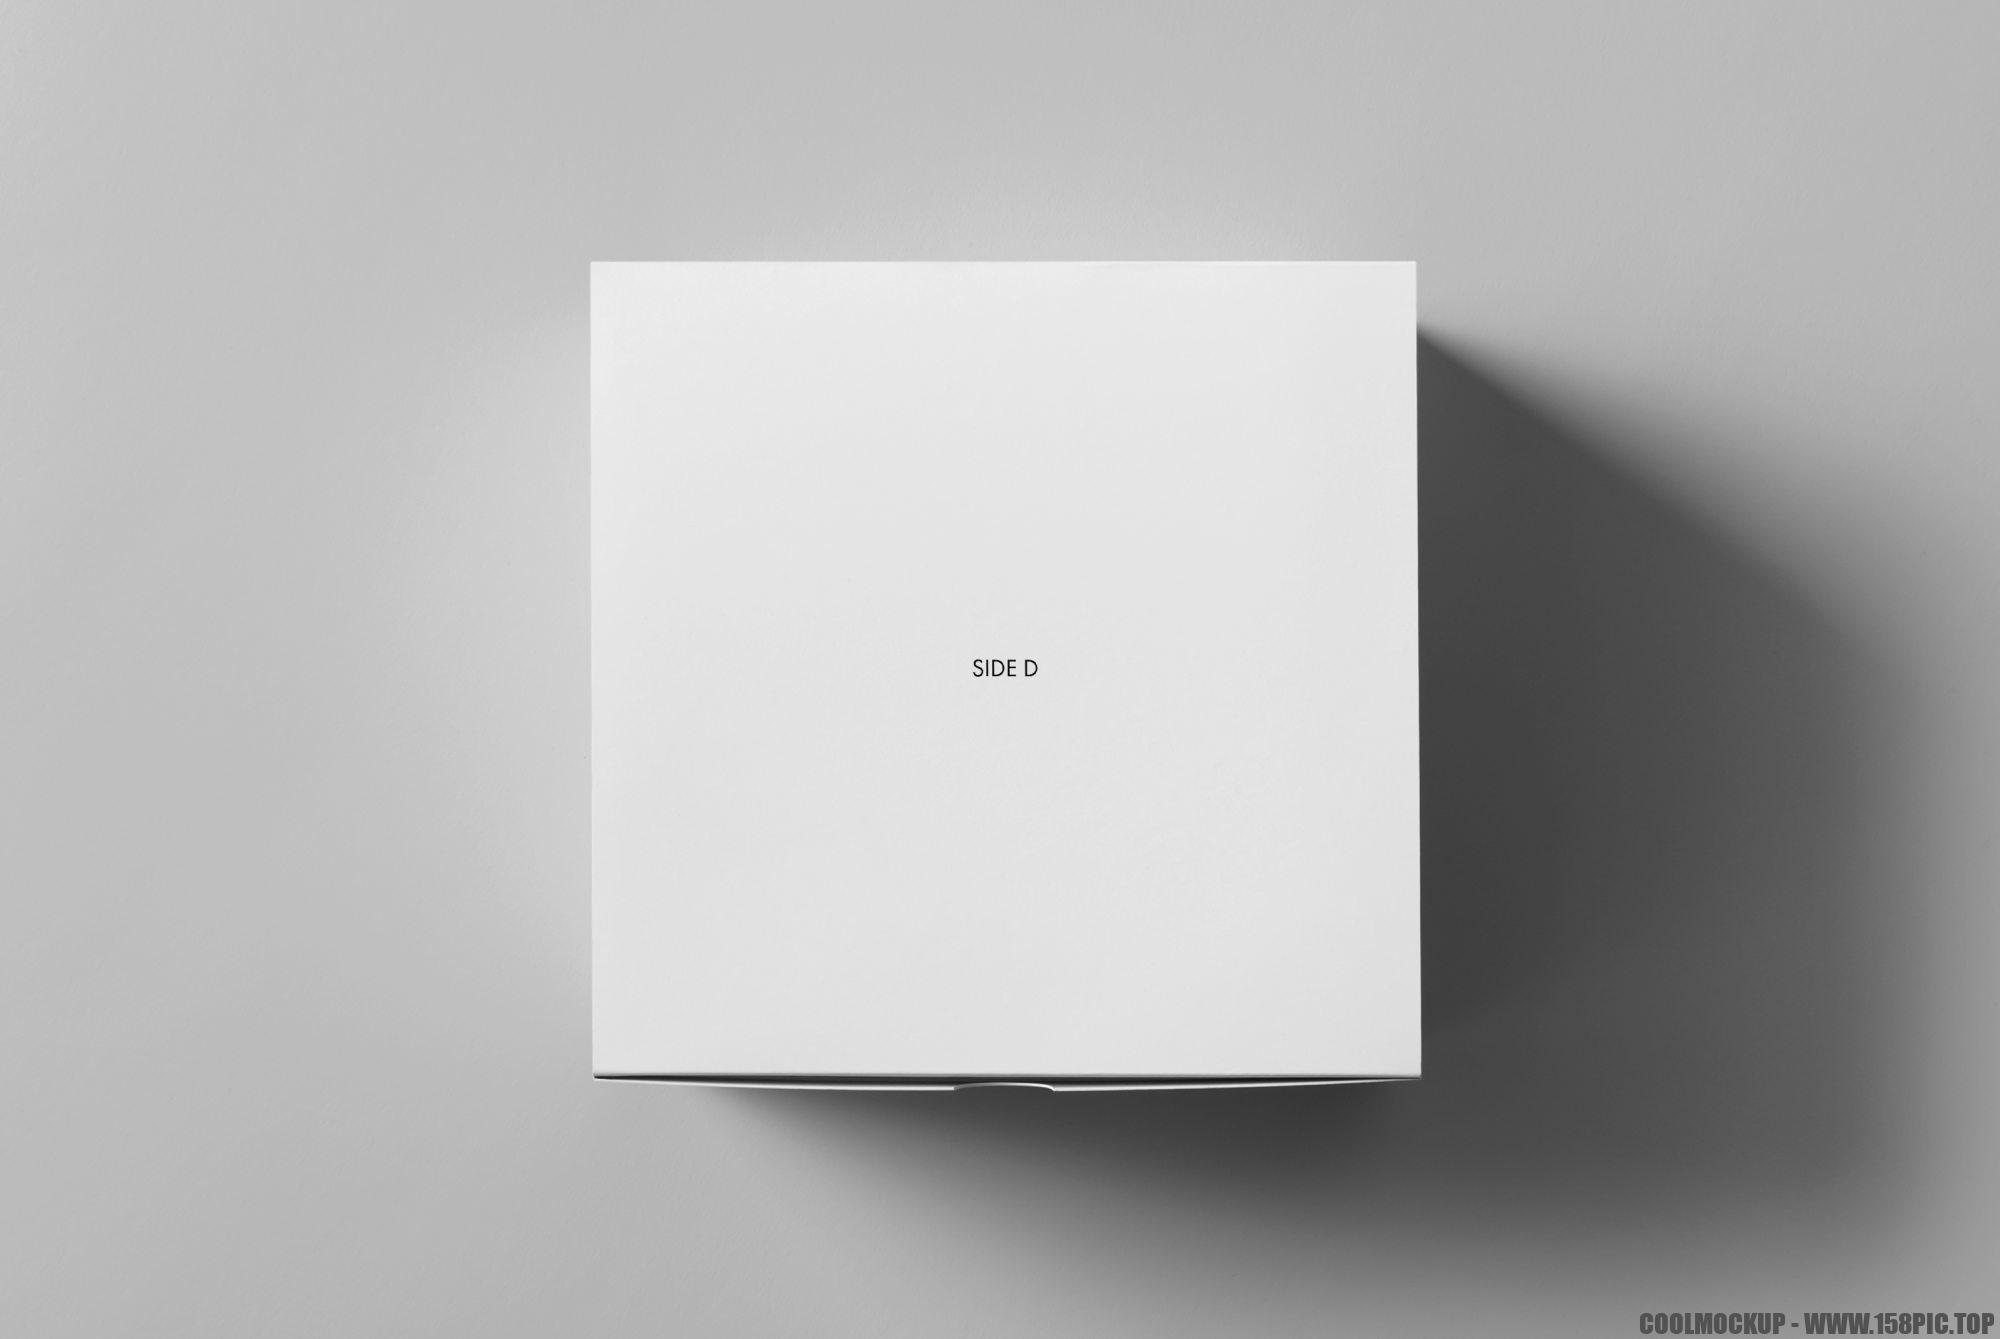 064e19bd2180eae - 简约白色盒子样机